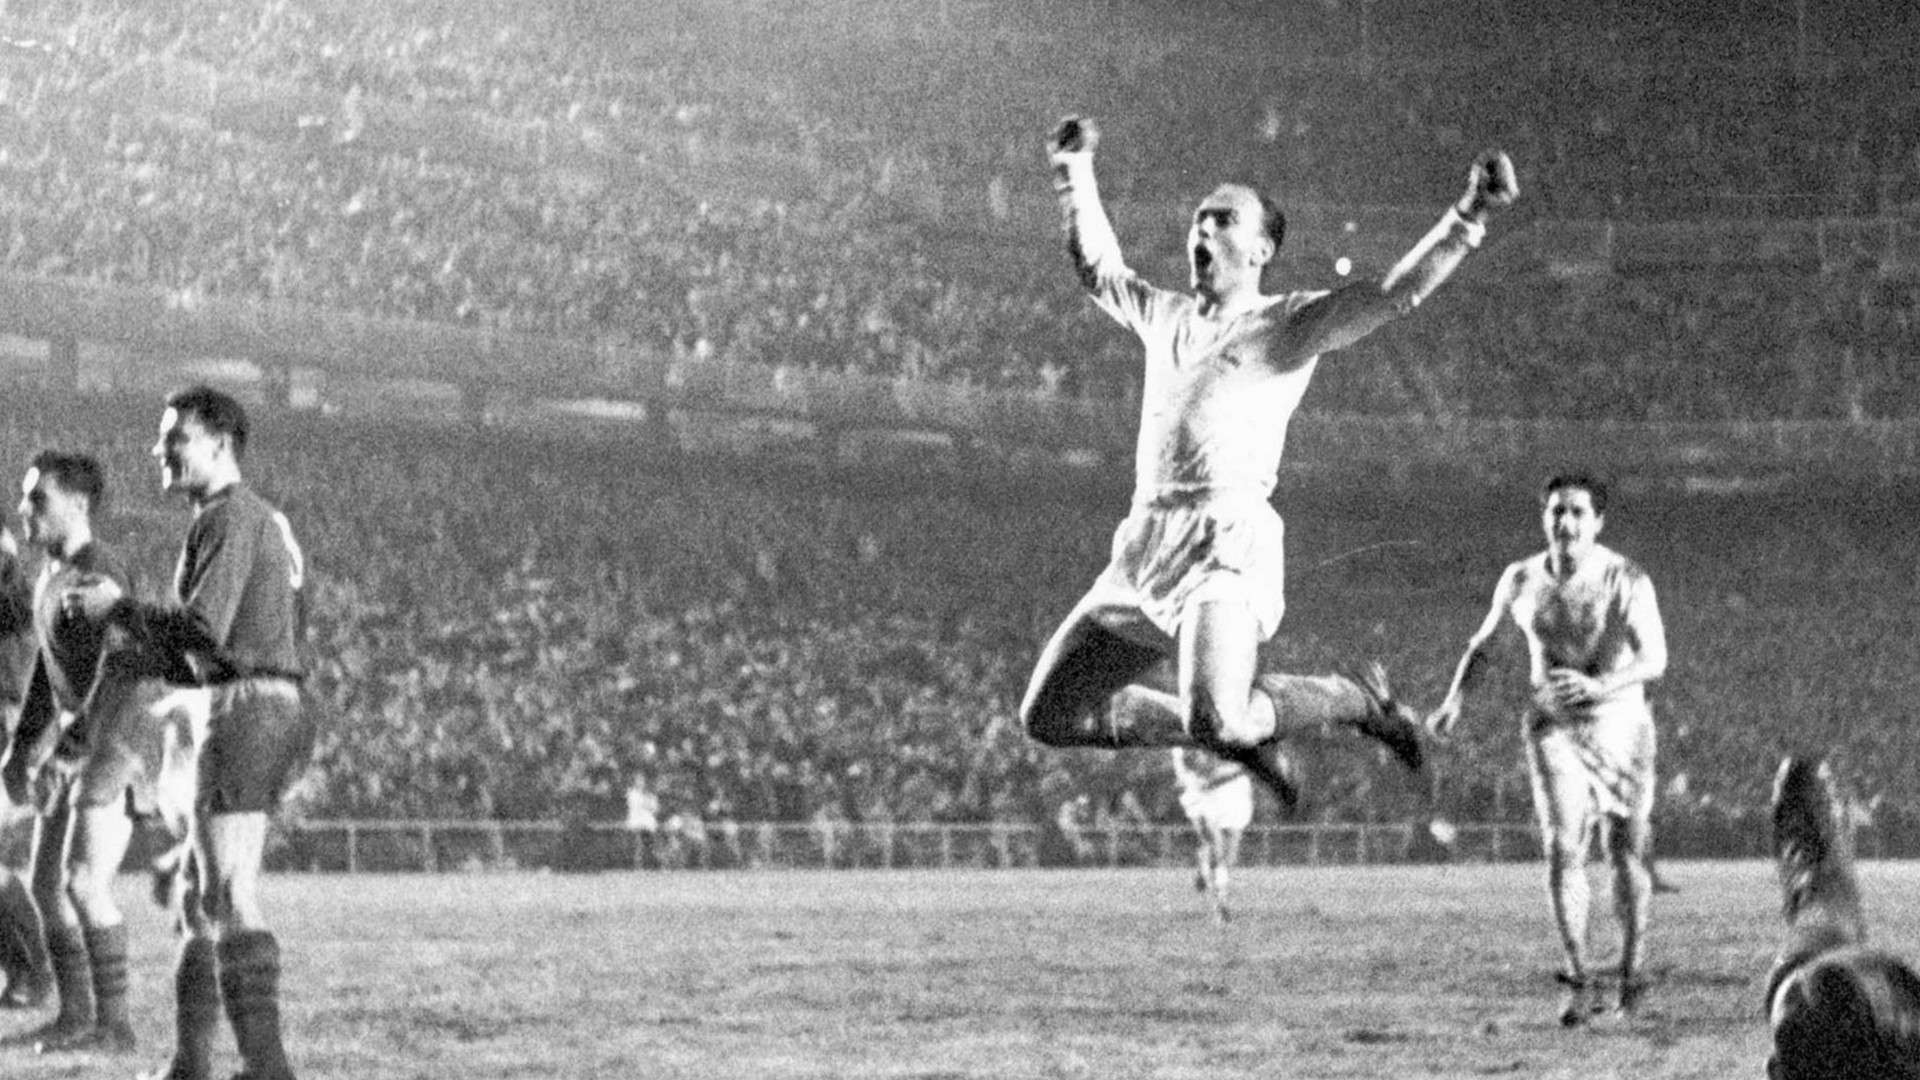 ¿Cuántos goles marcó Di Stéfano en toda su carrera?